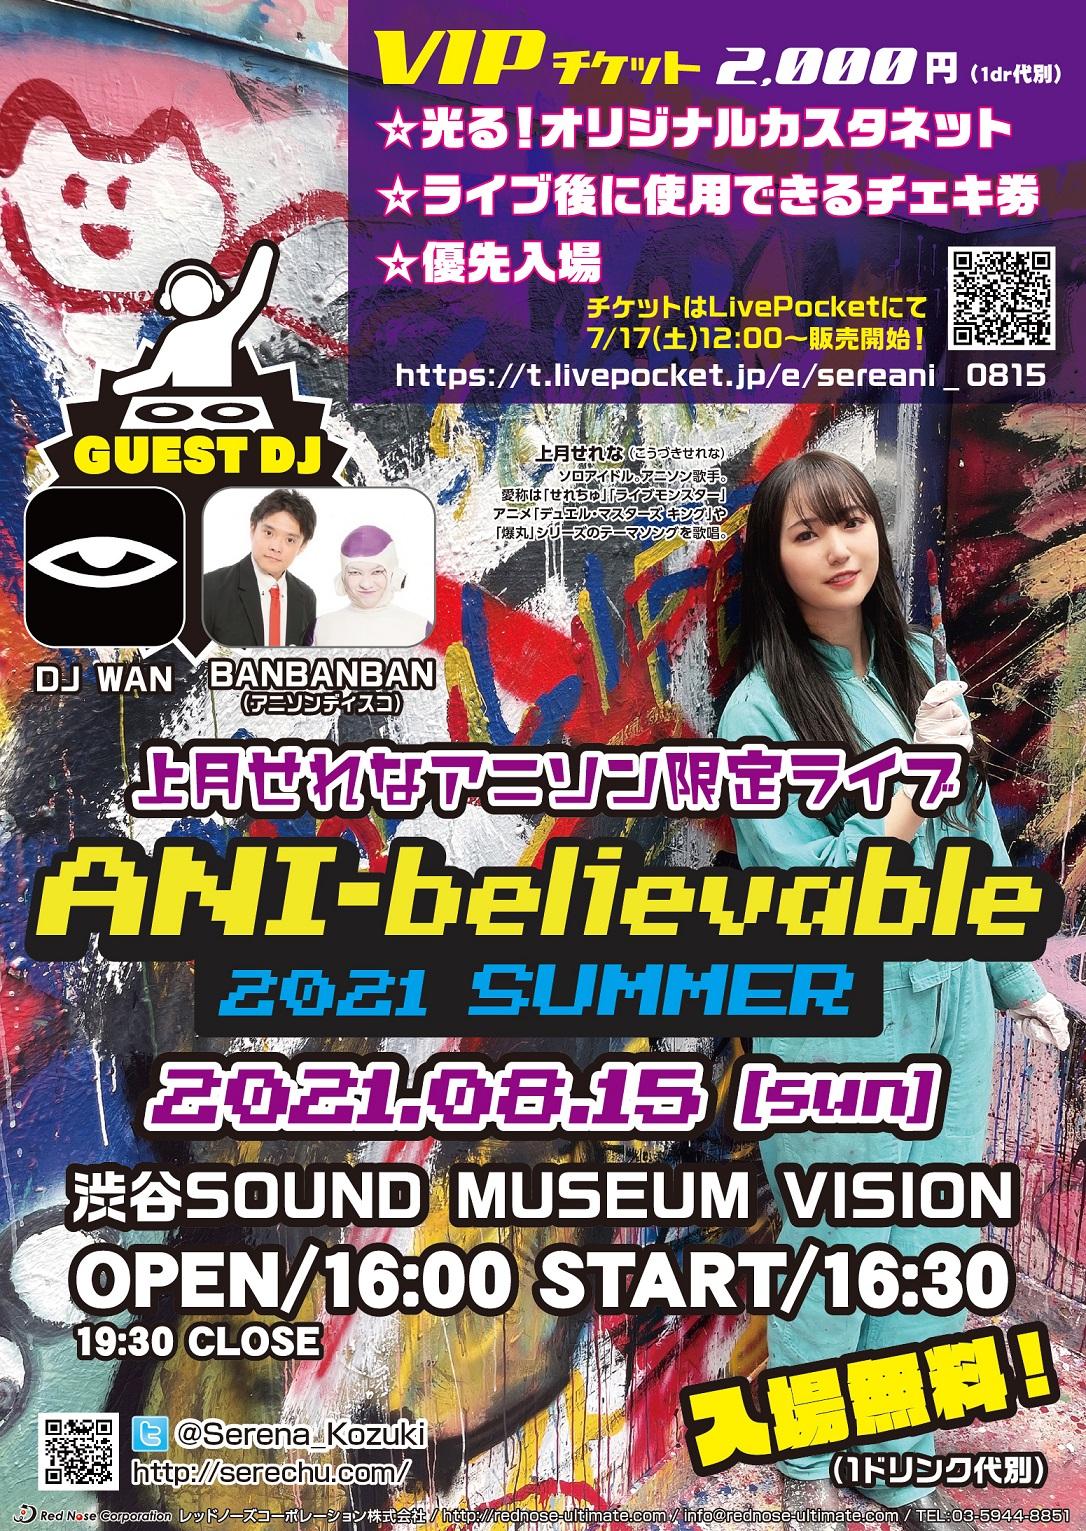 上月せれな アニソン限定ライブ『ANI - believable 2021 SUMMER』